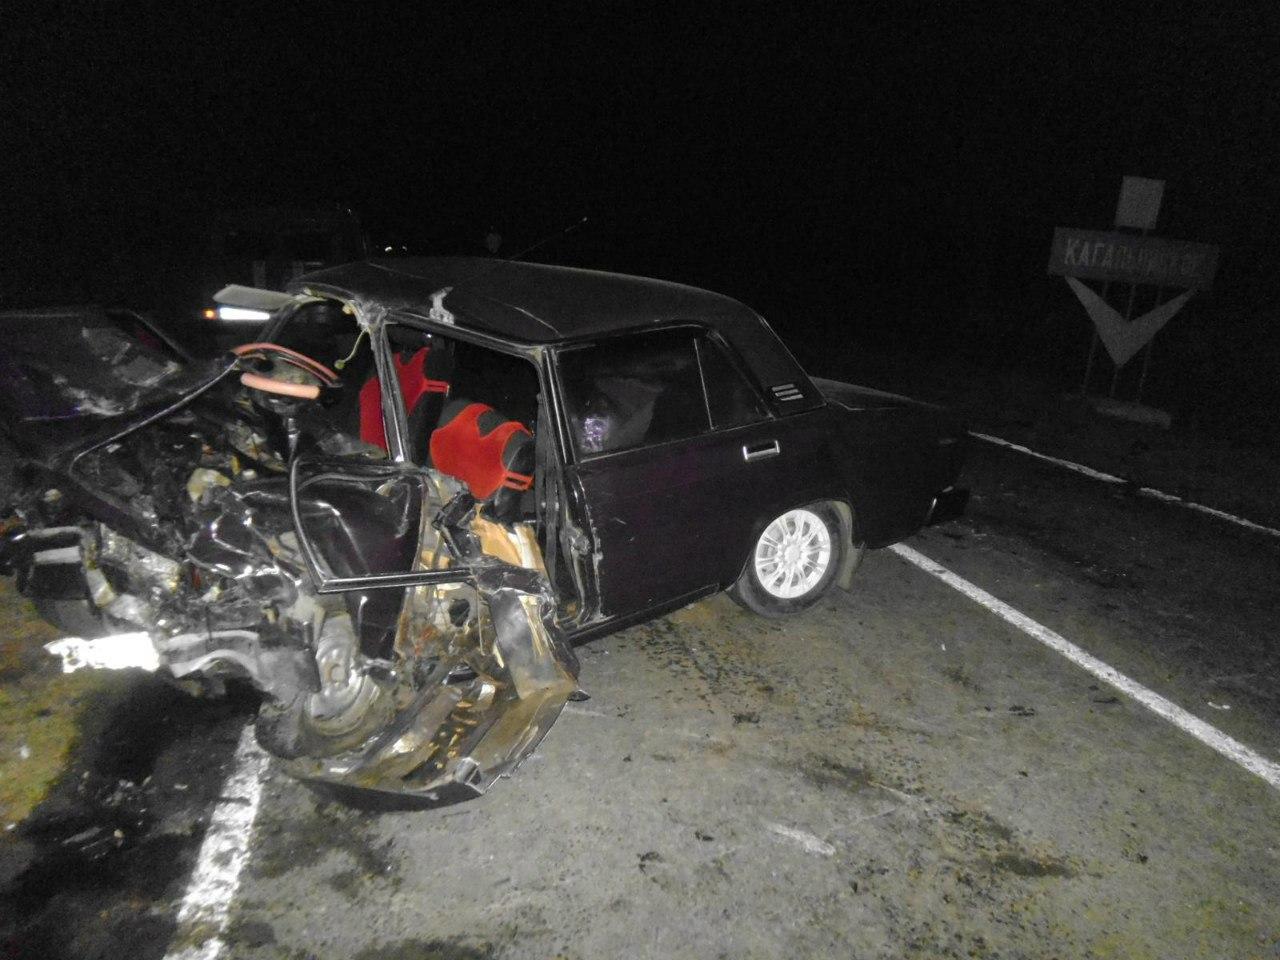 На донской трассе в ДТП погибли четыре человека, еще четверо получили серьезные травмы